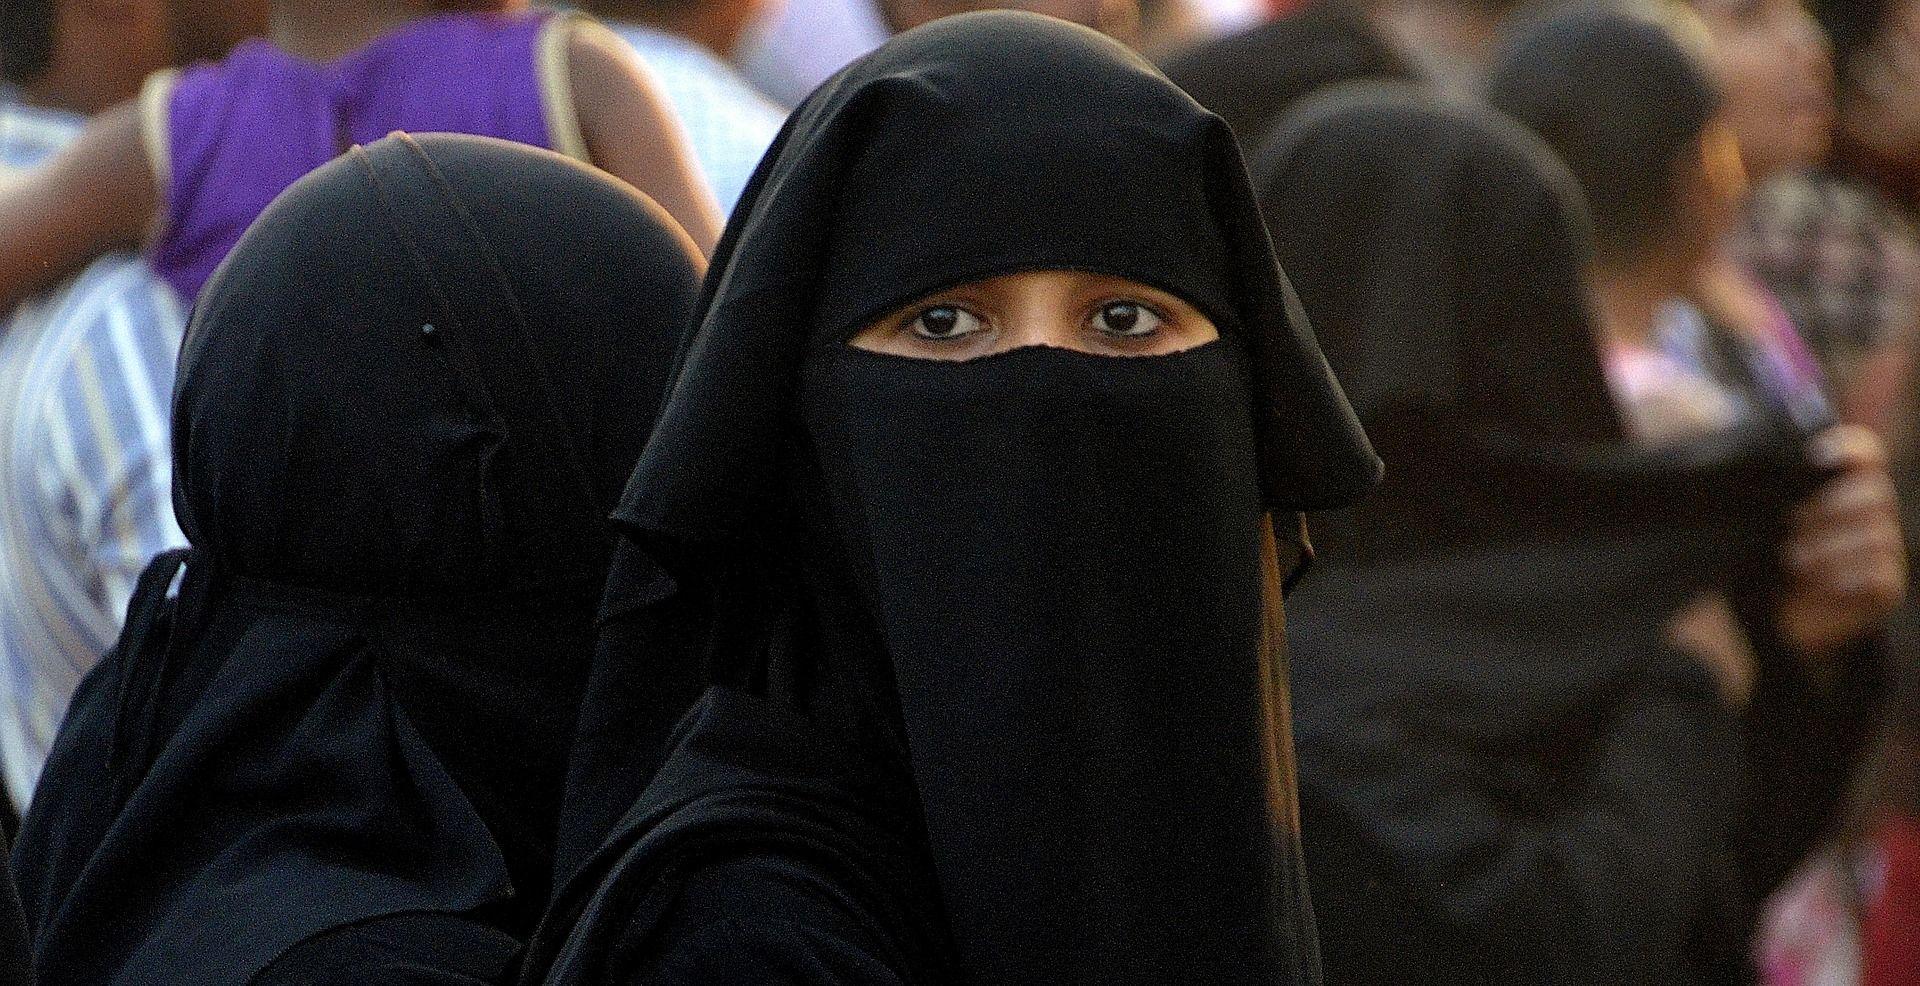 FELJTON Pobuna heretkinje iz Somalije